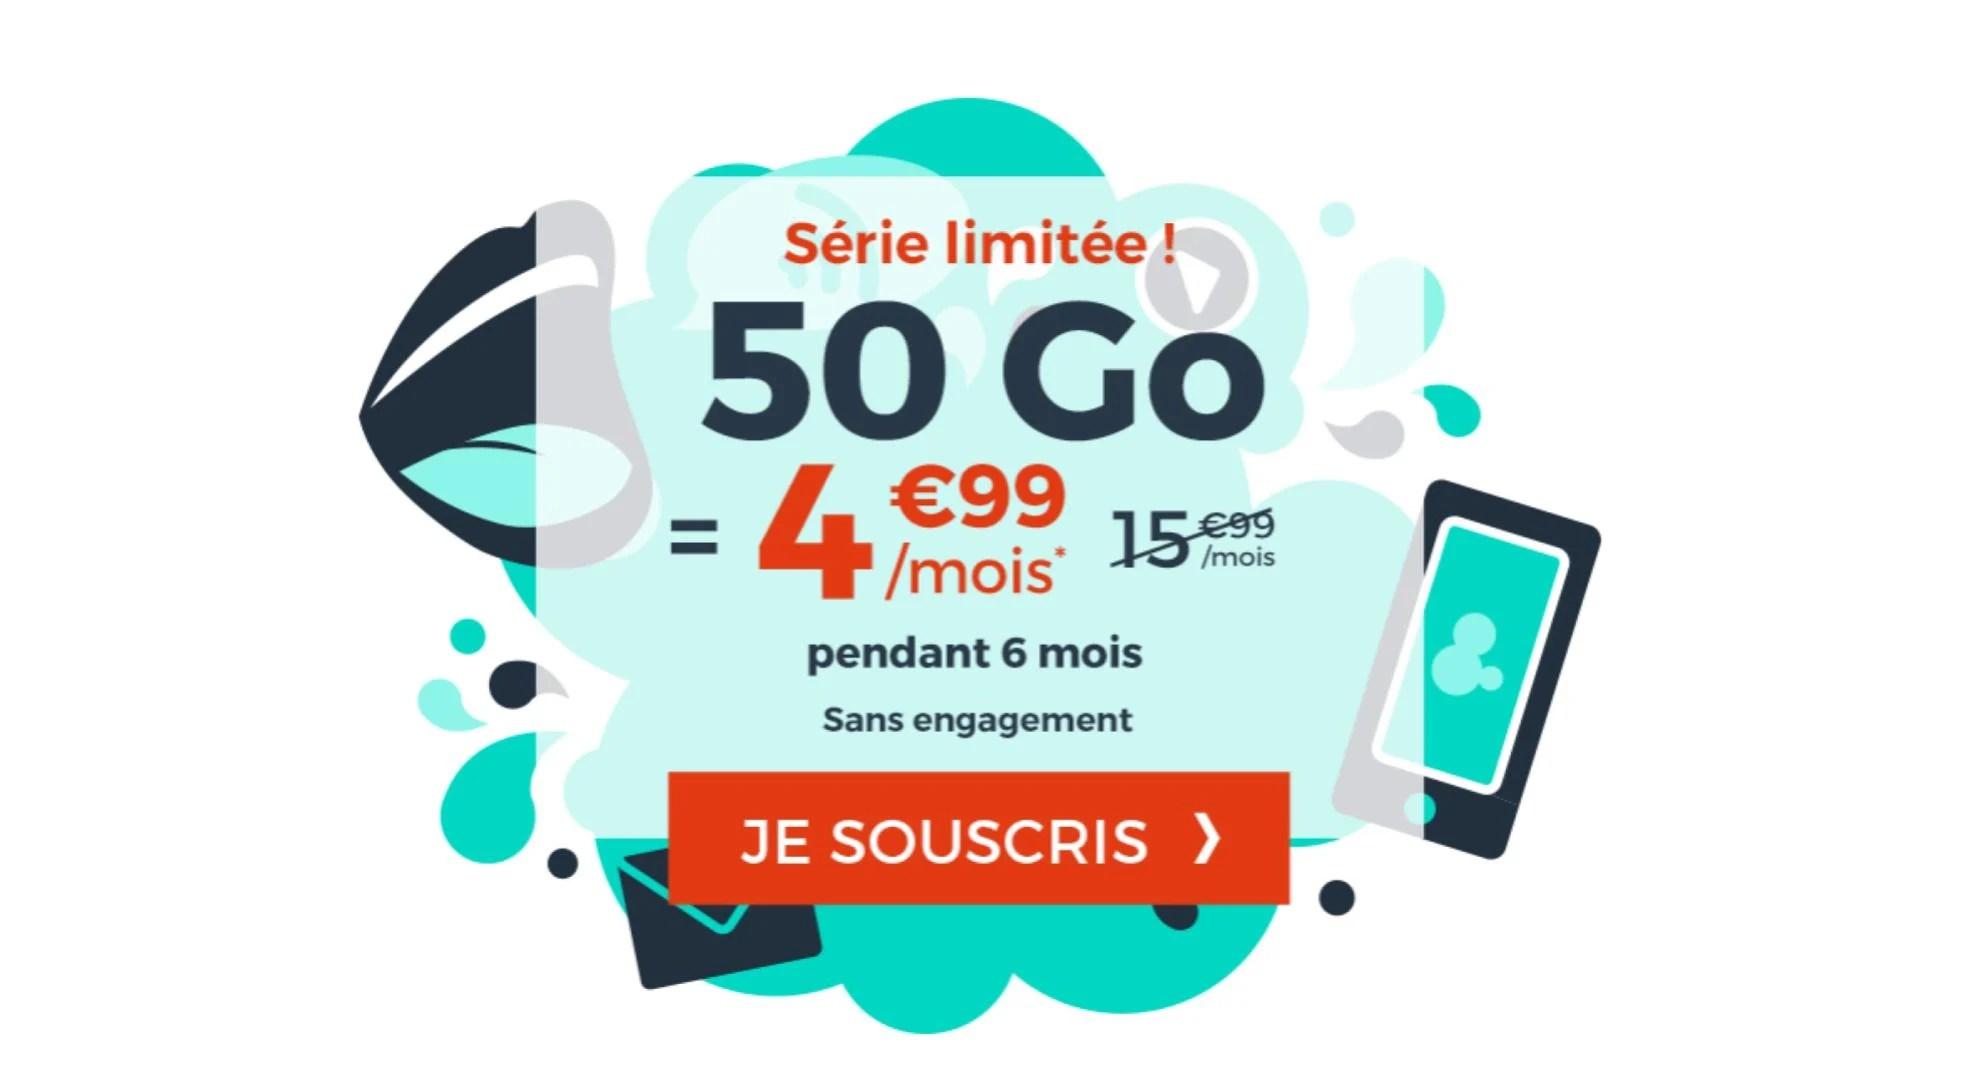 Forfait mobile : la data passe de 40 à 50 Go, toujours pour 4,99 euros par mois